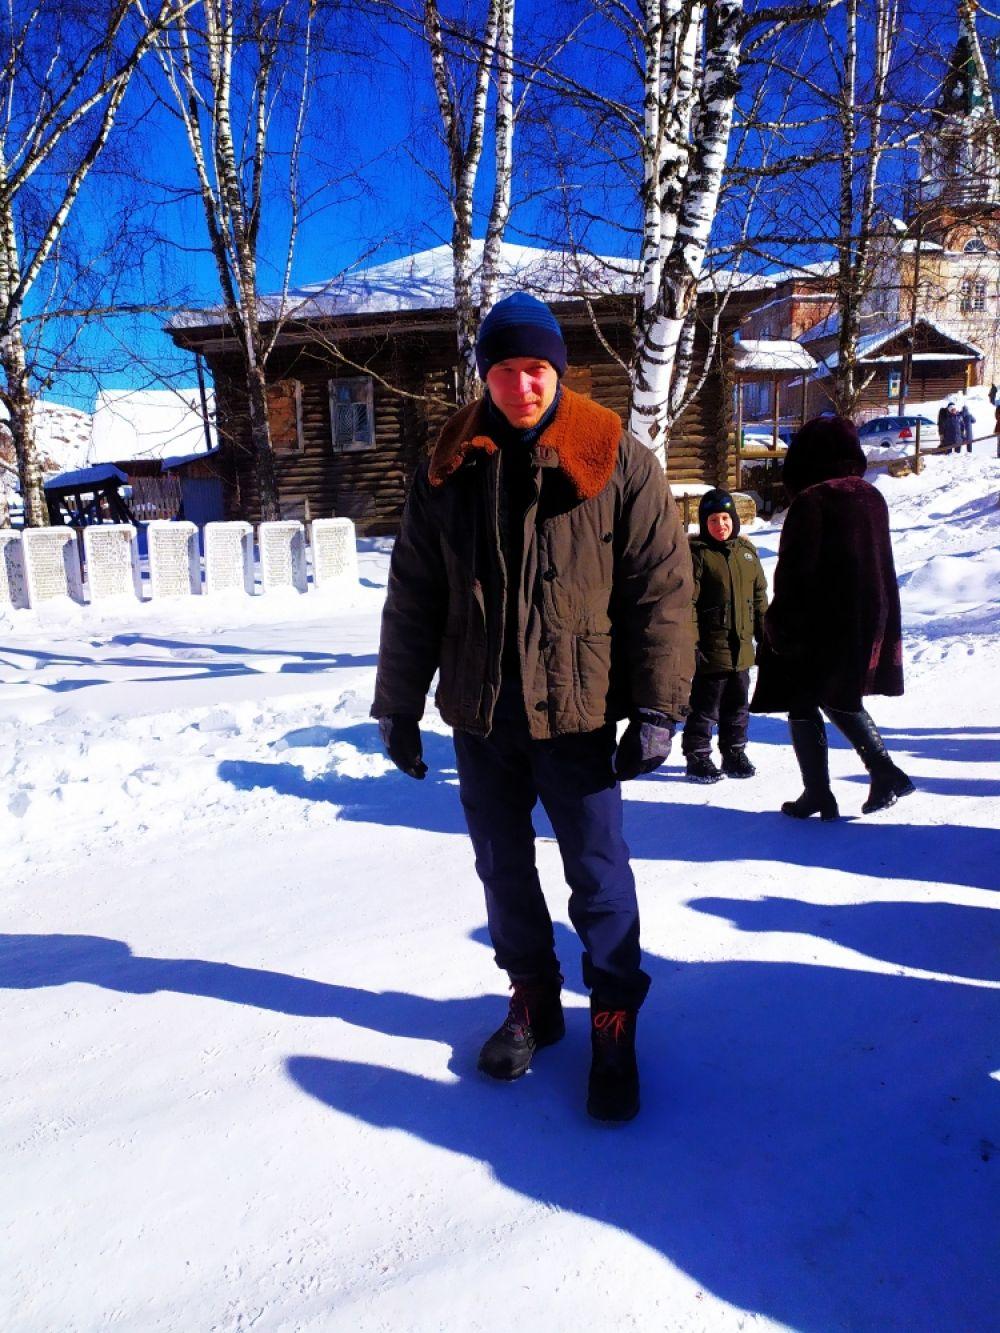 Юра Борисов играет в фильме учителя физкультуры Петра, который приехал в деревню и помогает герою добиться справедливости.